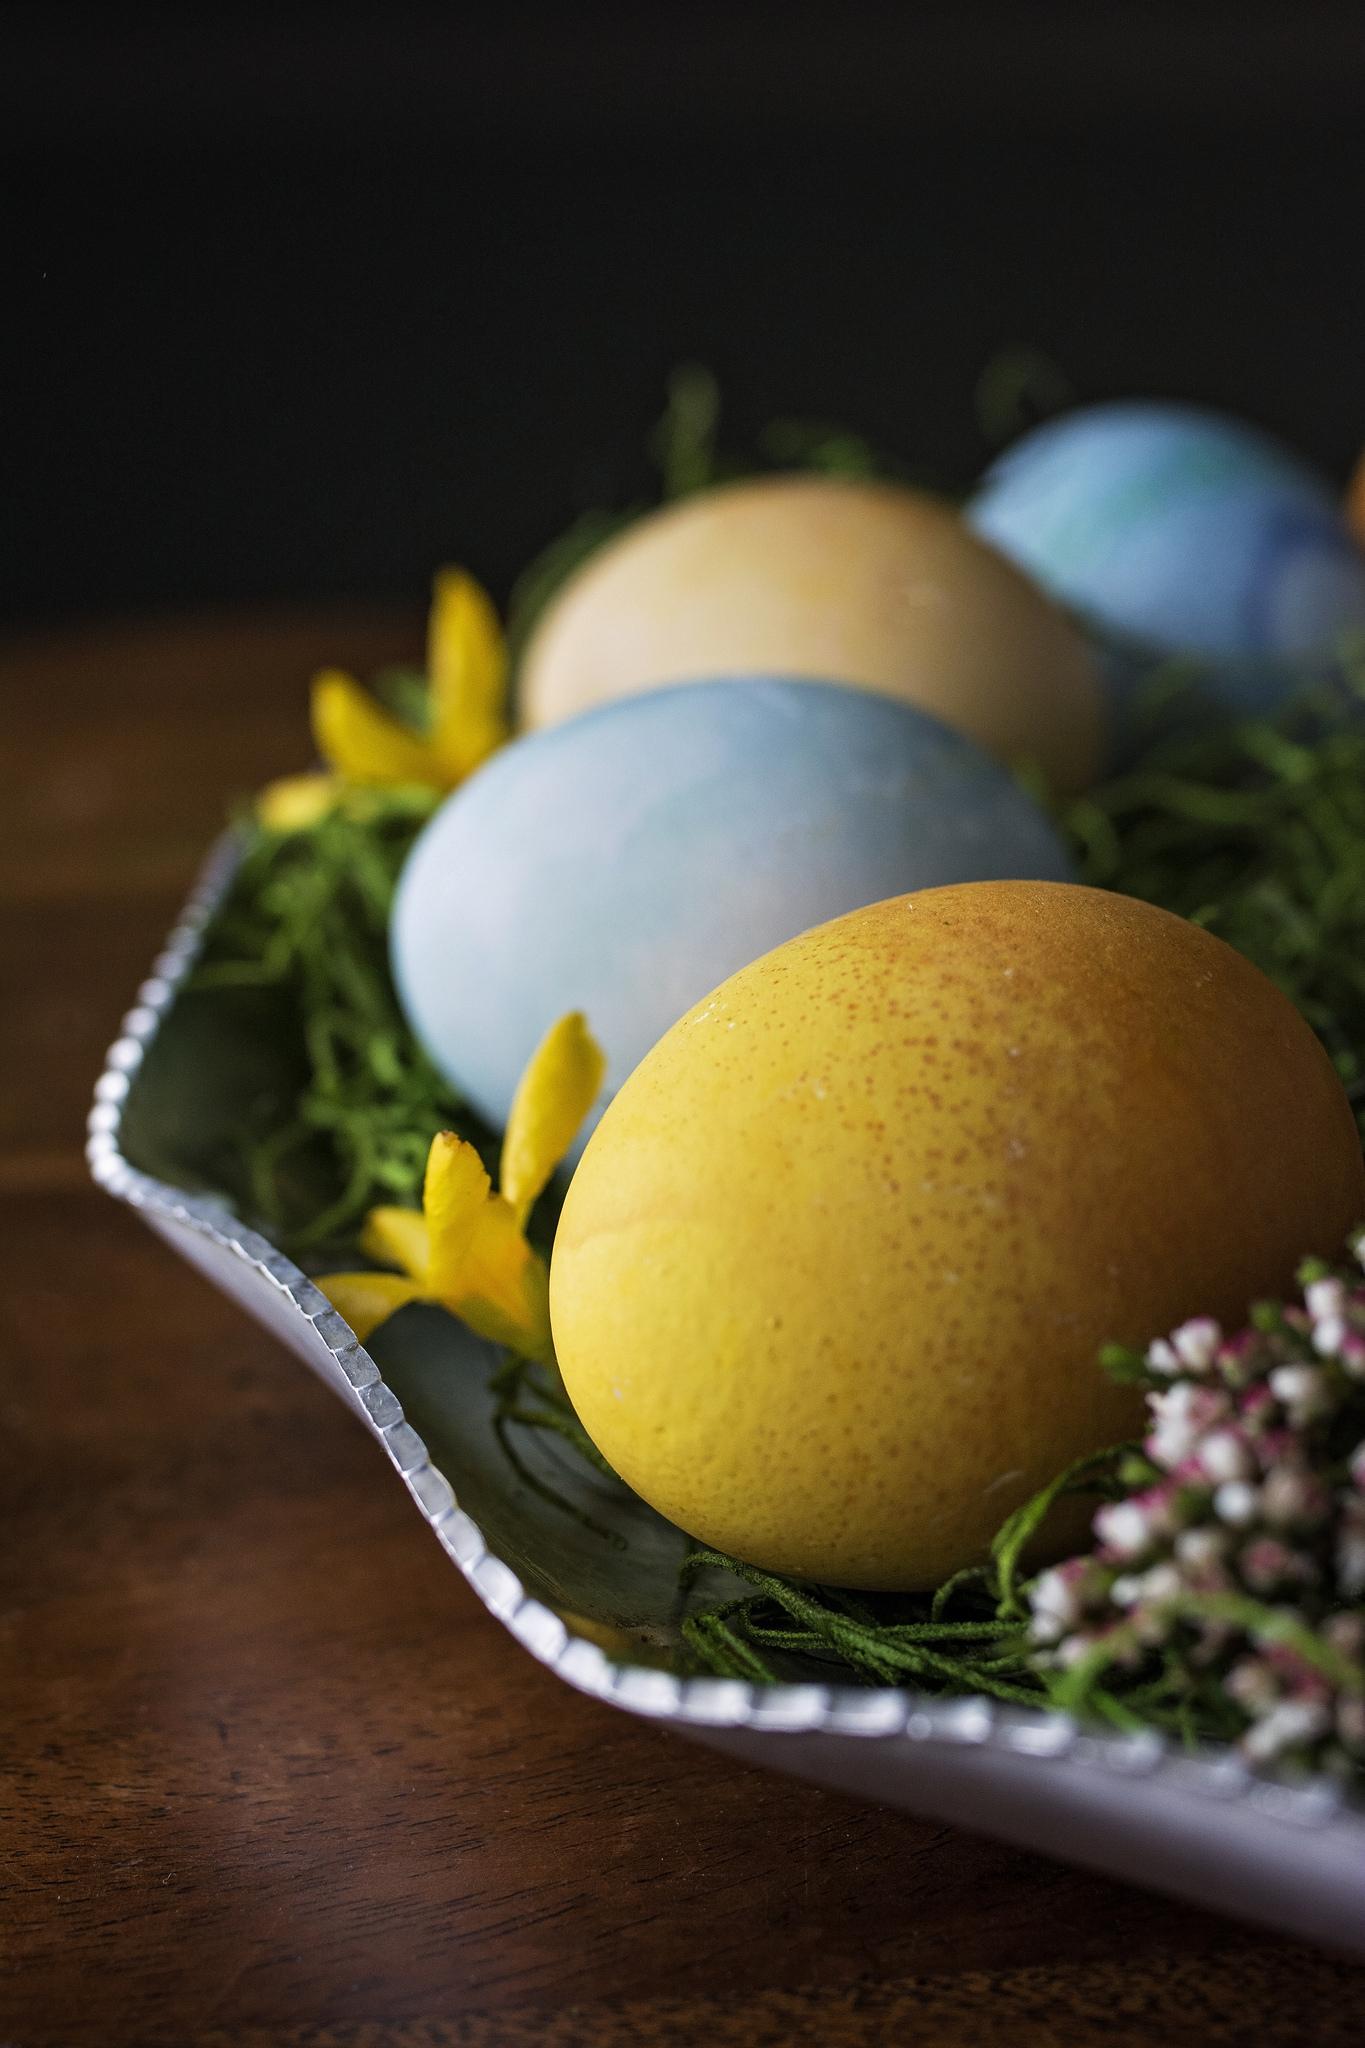 Kristine_eggs_Easter_flowers_spiritedtable_photo03.jpg